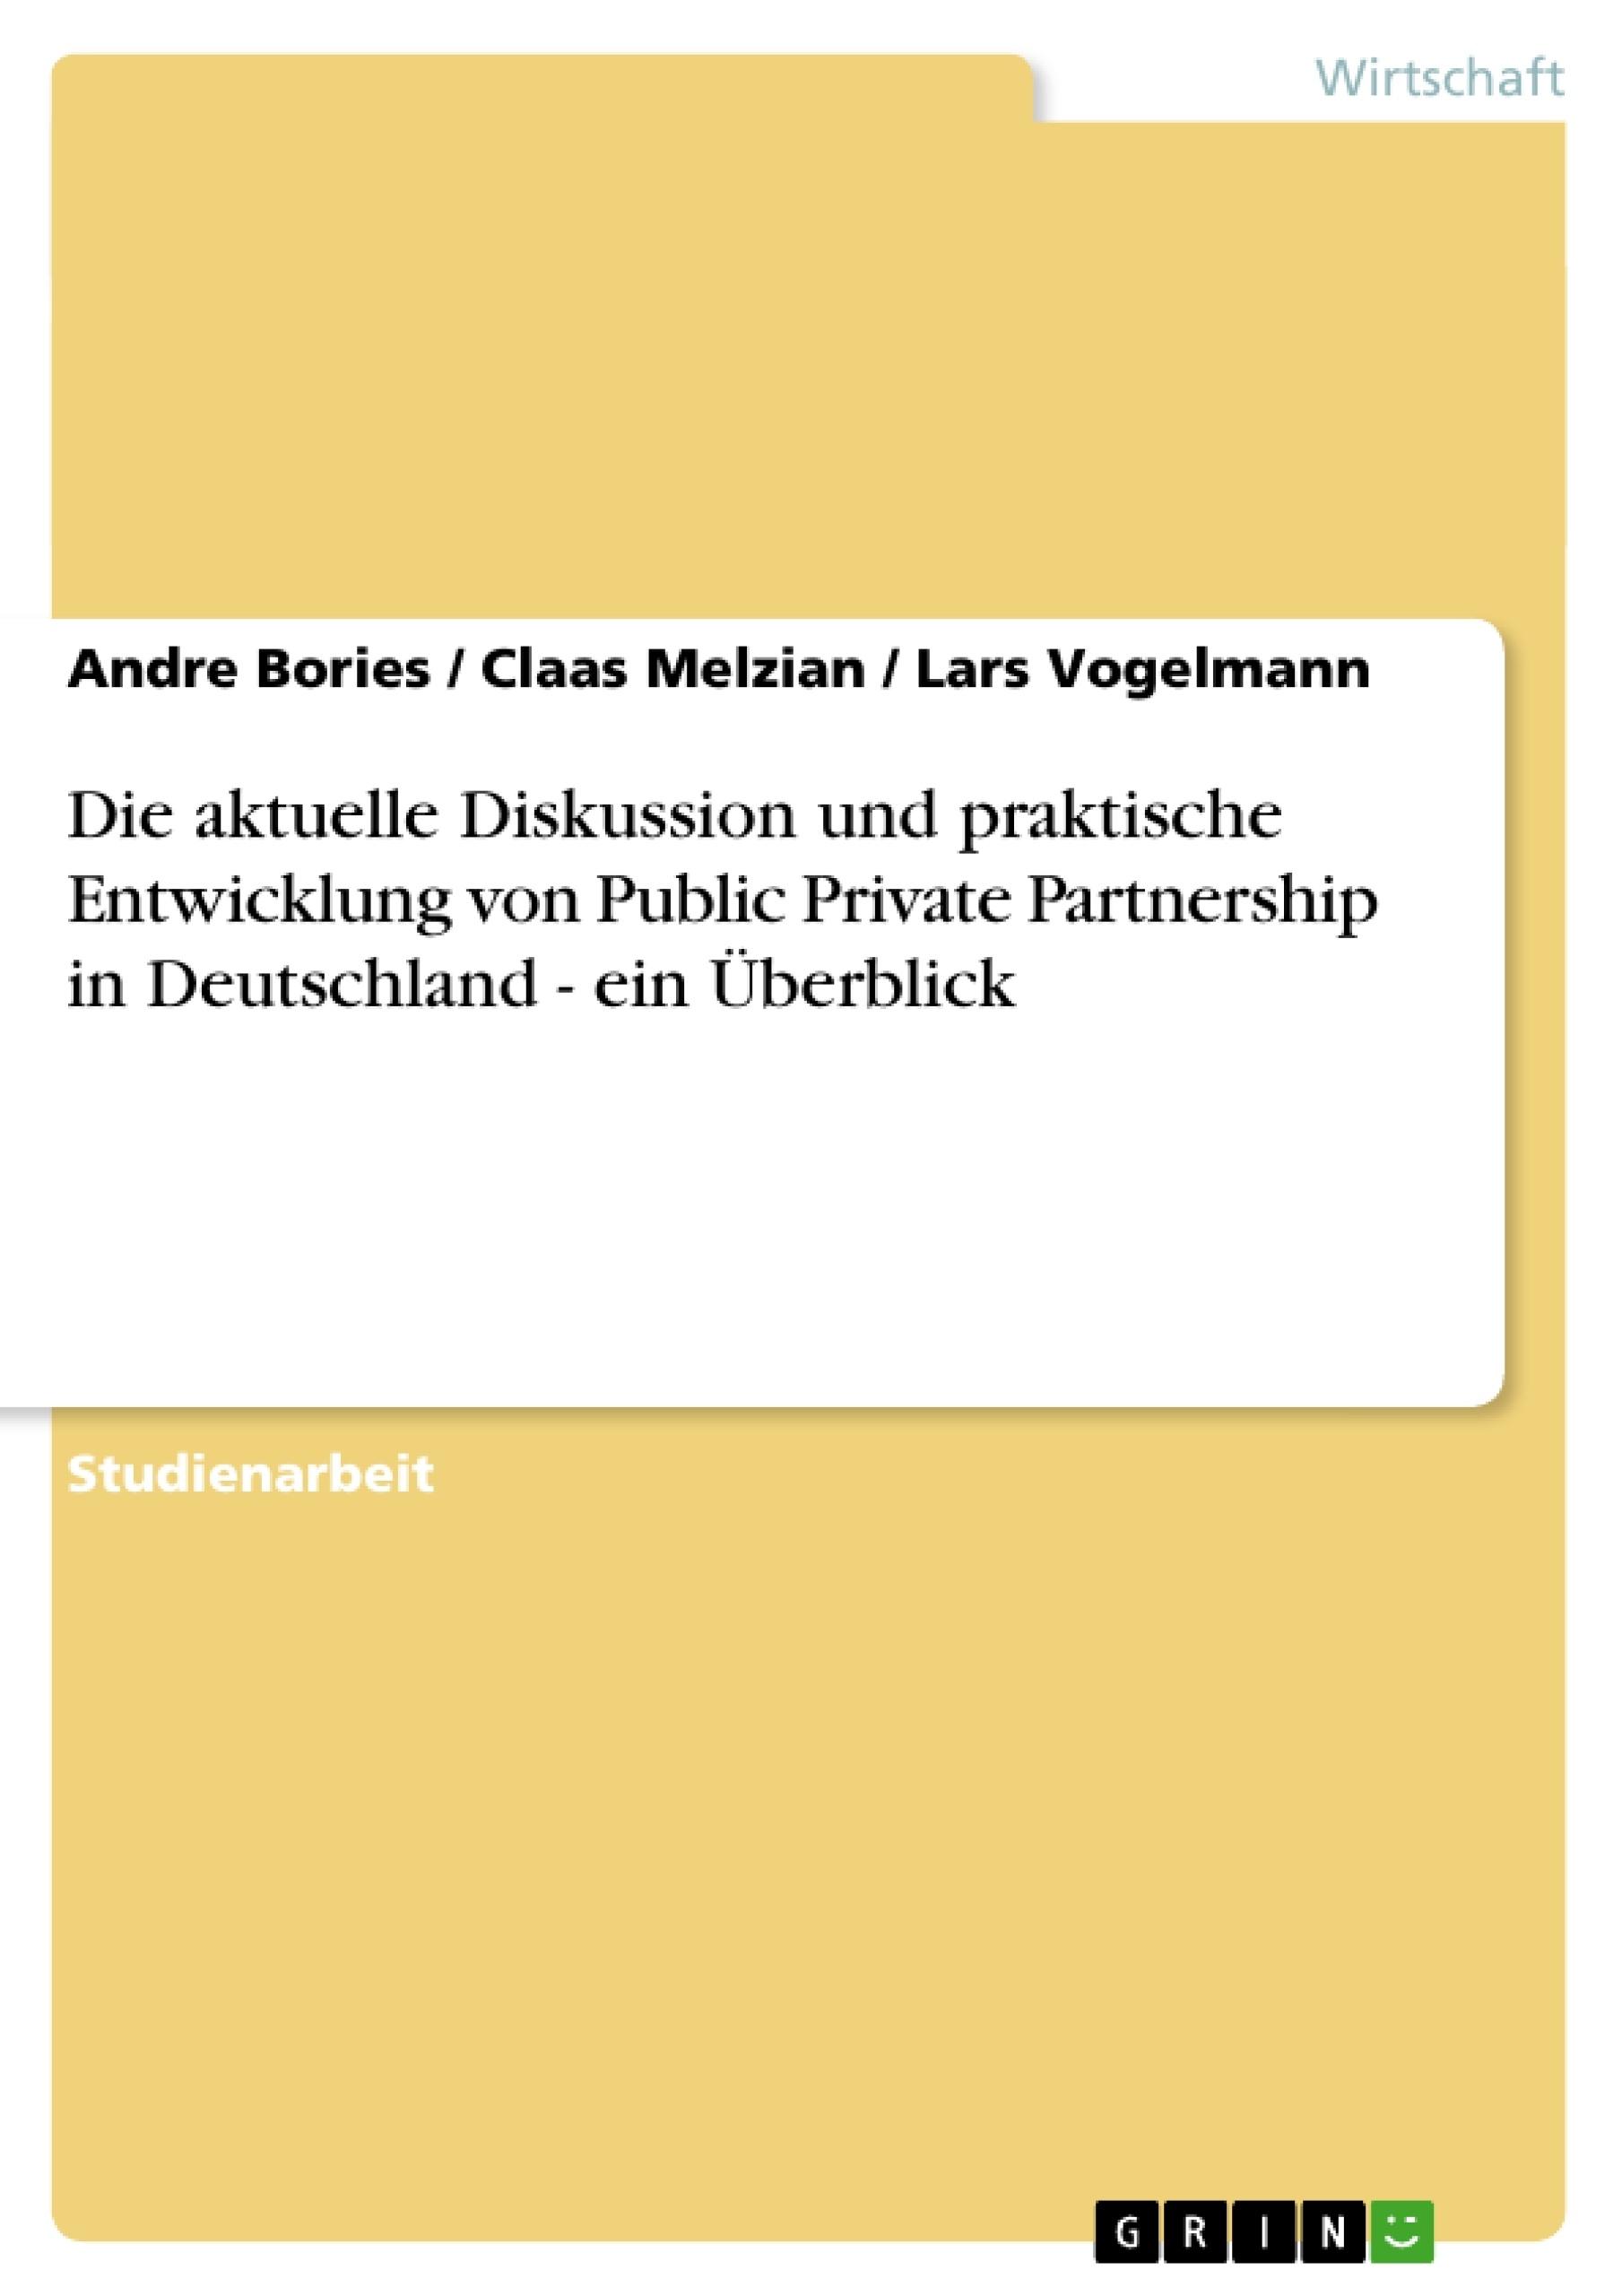 Titel: Die aktuelle Diskussion und praktische Entwicklung von Public Private Partnership in Deutschland - ein Überblick